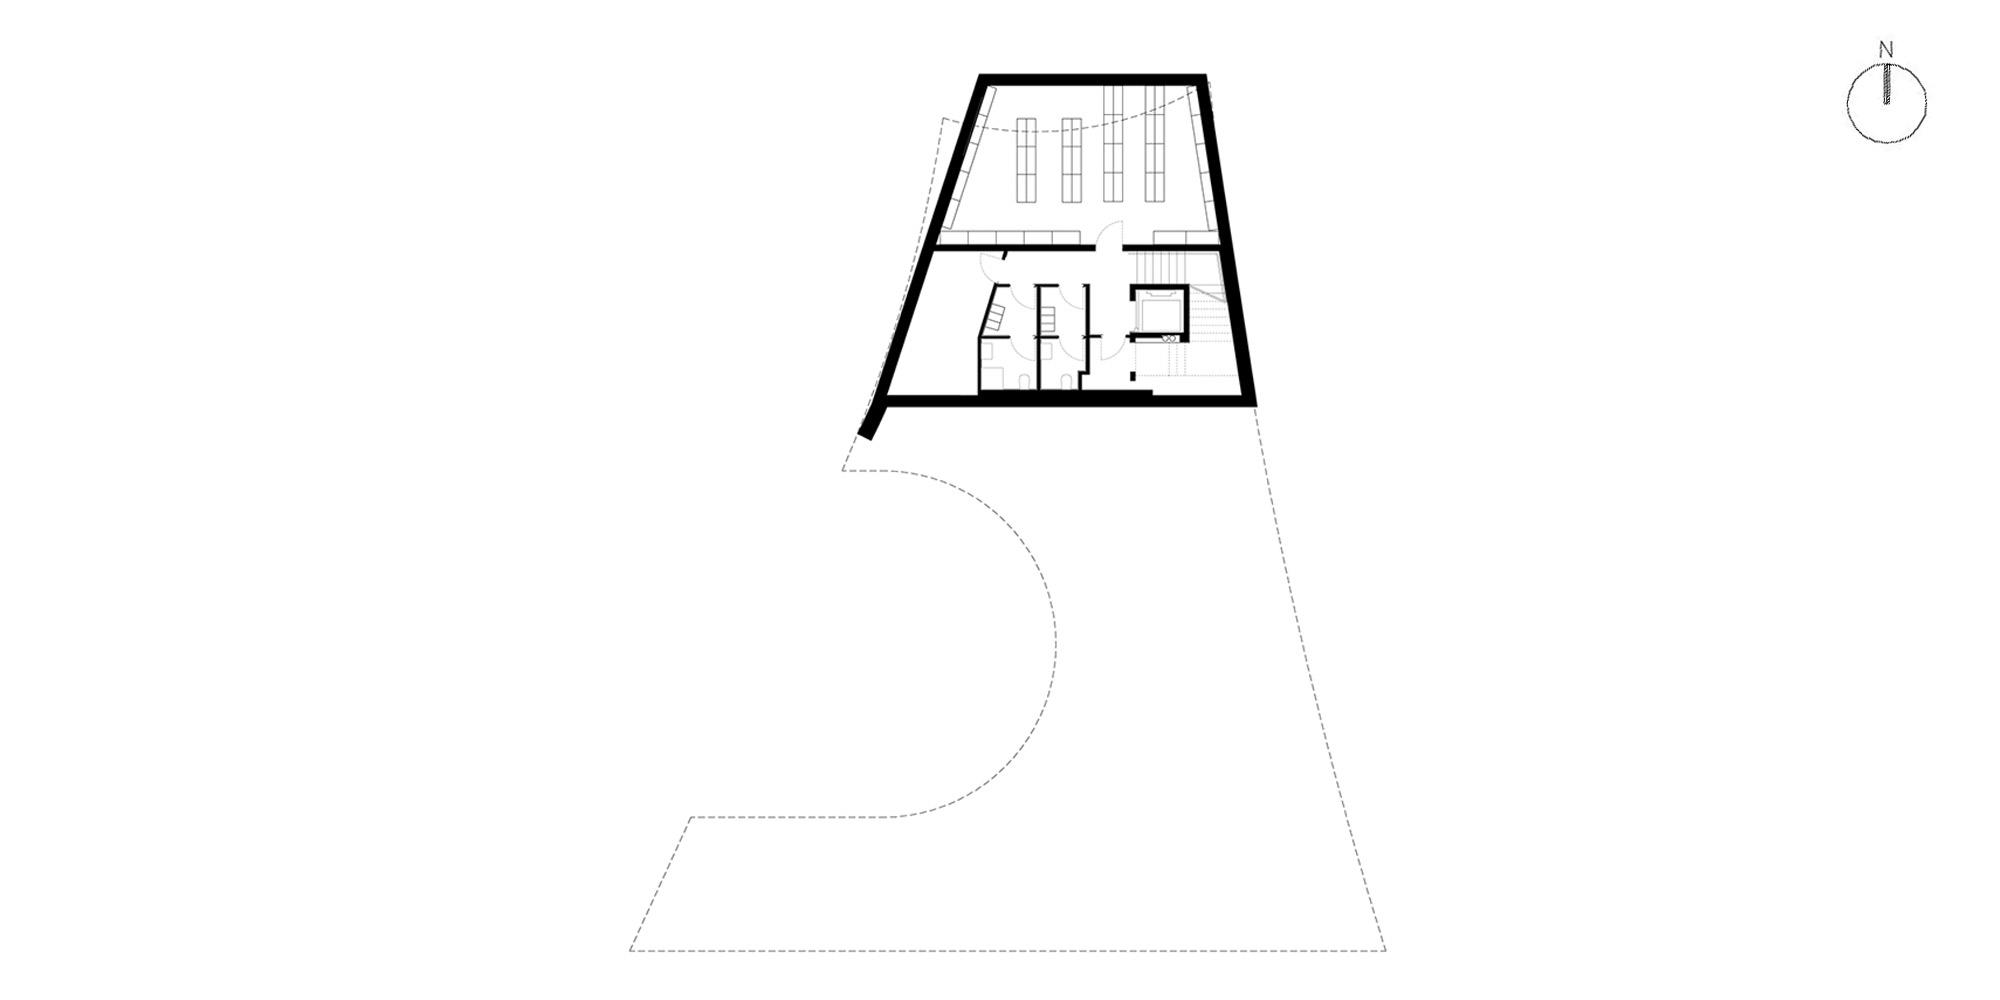 Pianta piano interrato © MoDus Architects